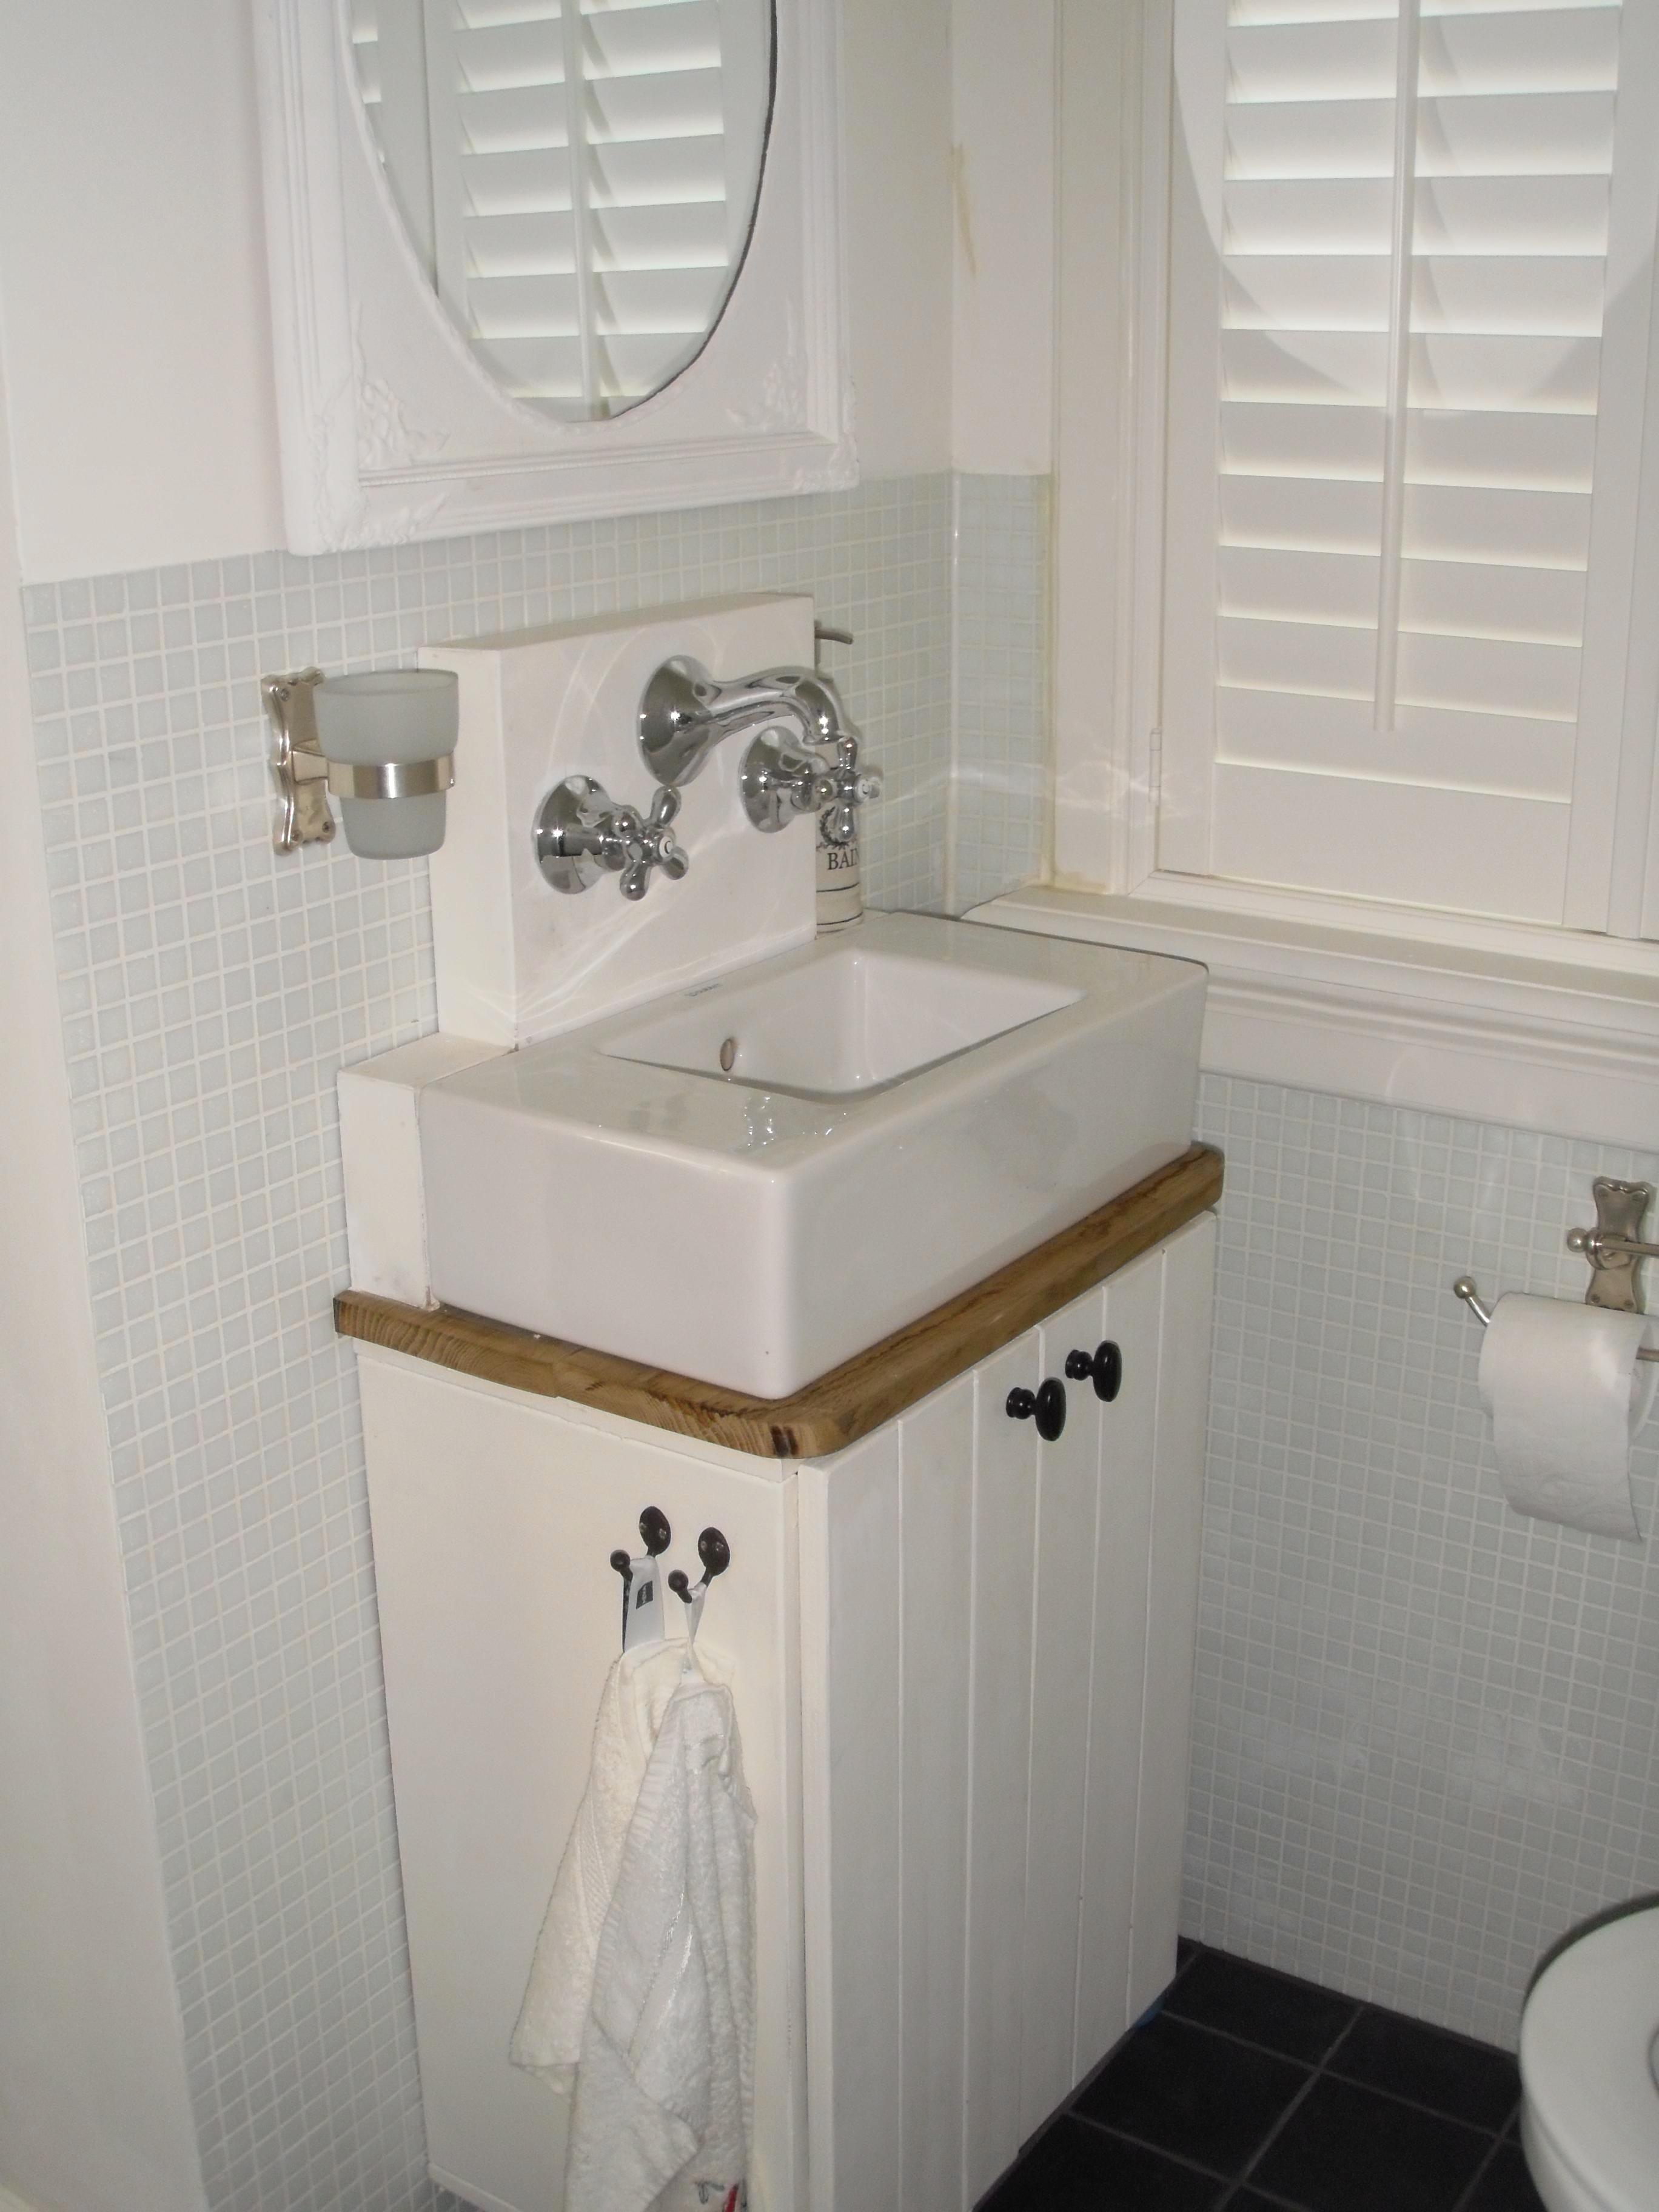 Badkamermeubel eiken - Oude badkamer ...